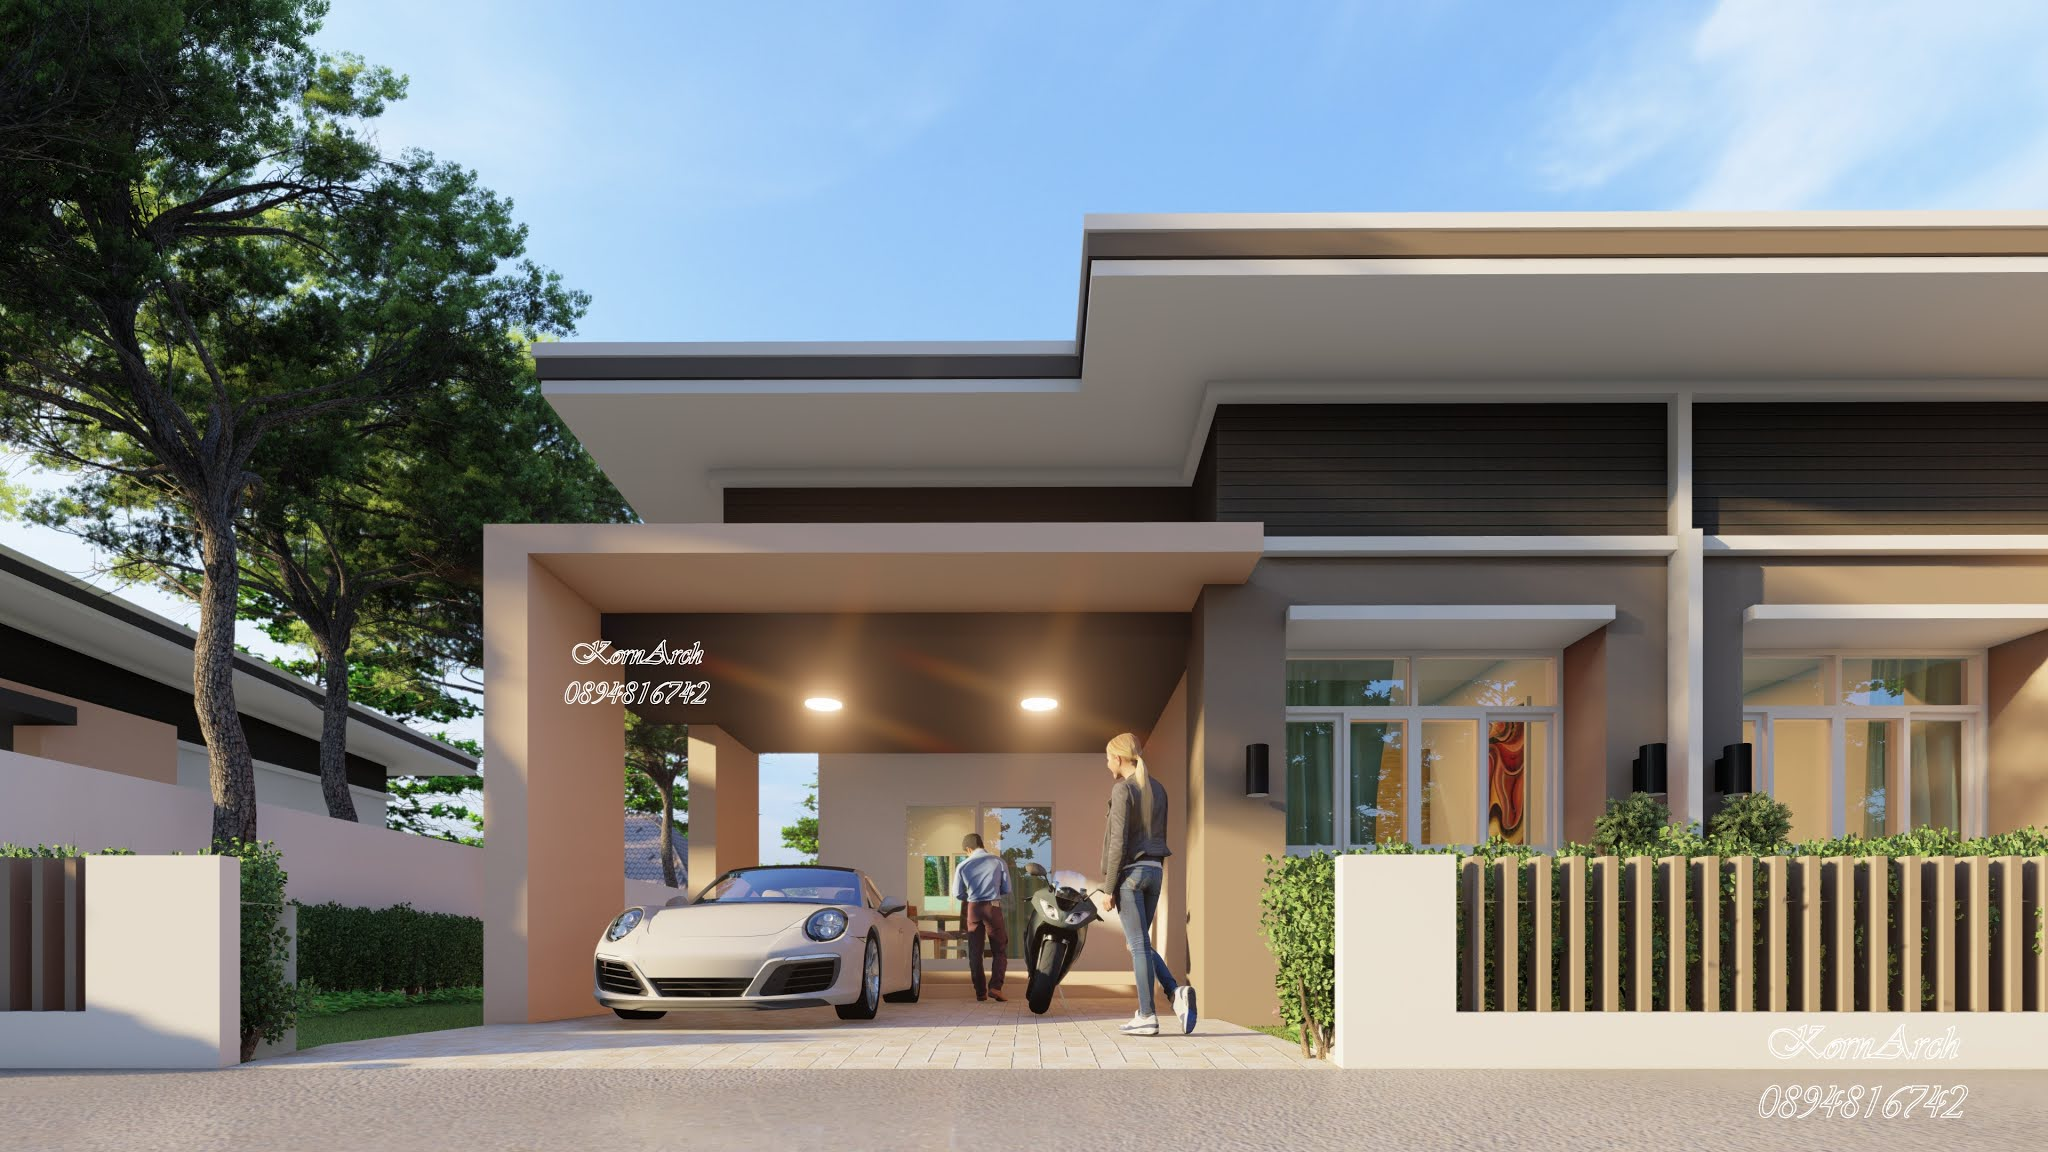 รับออกแบบบ้านแฝดชั้นเดียว  เจ้าของโครงการ บริษัทเคกรุ้ปซัพพลาย จำกัด  สถานที่ก่อสร้าง อ.บางพลี จ.สมุทรปราการ